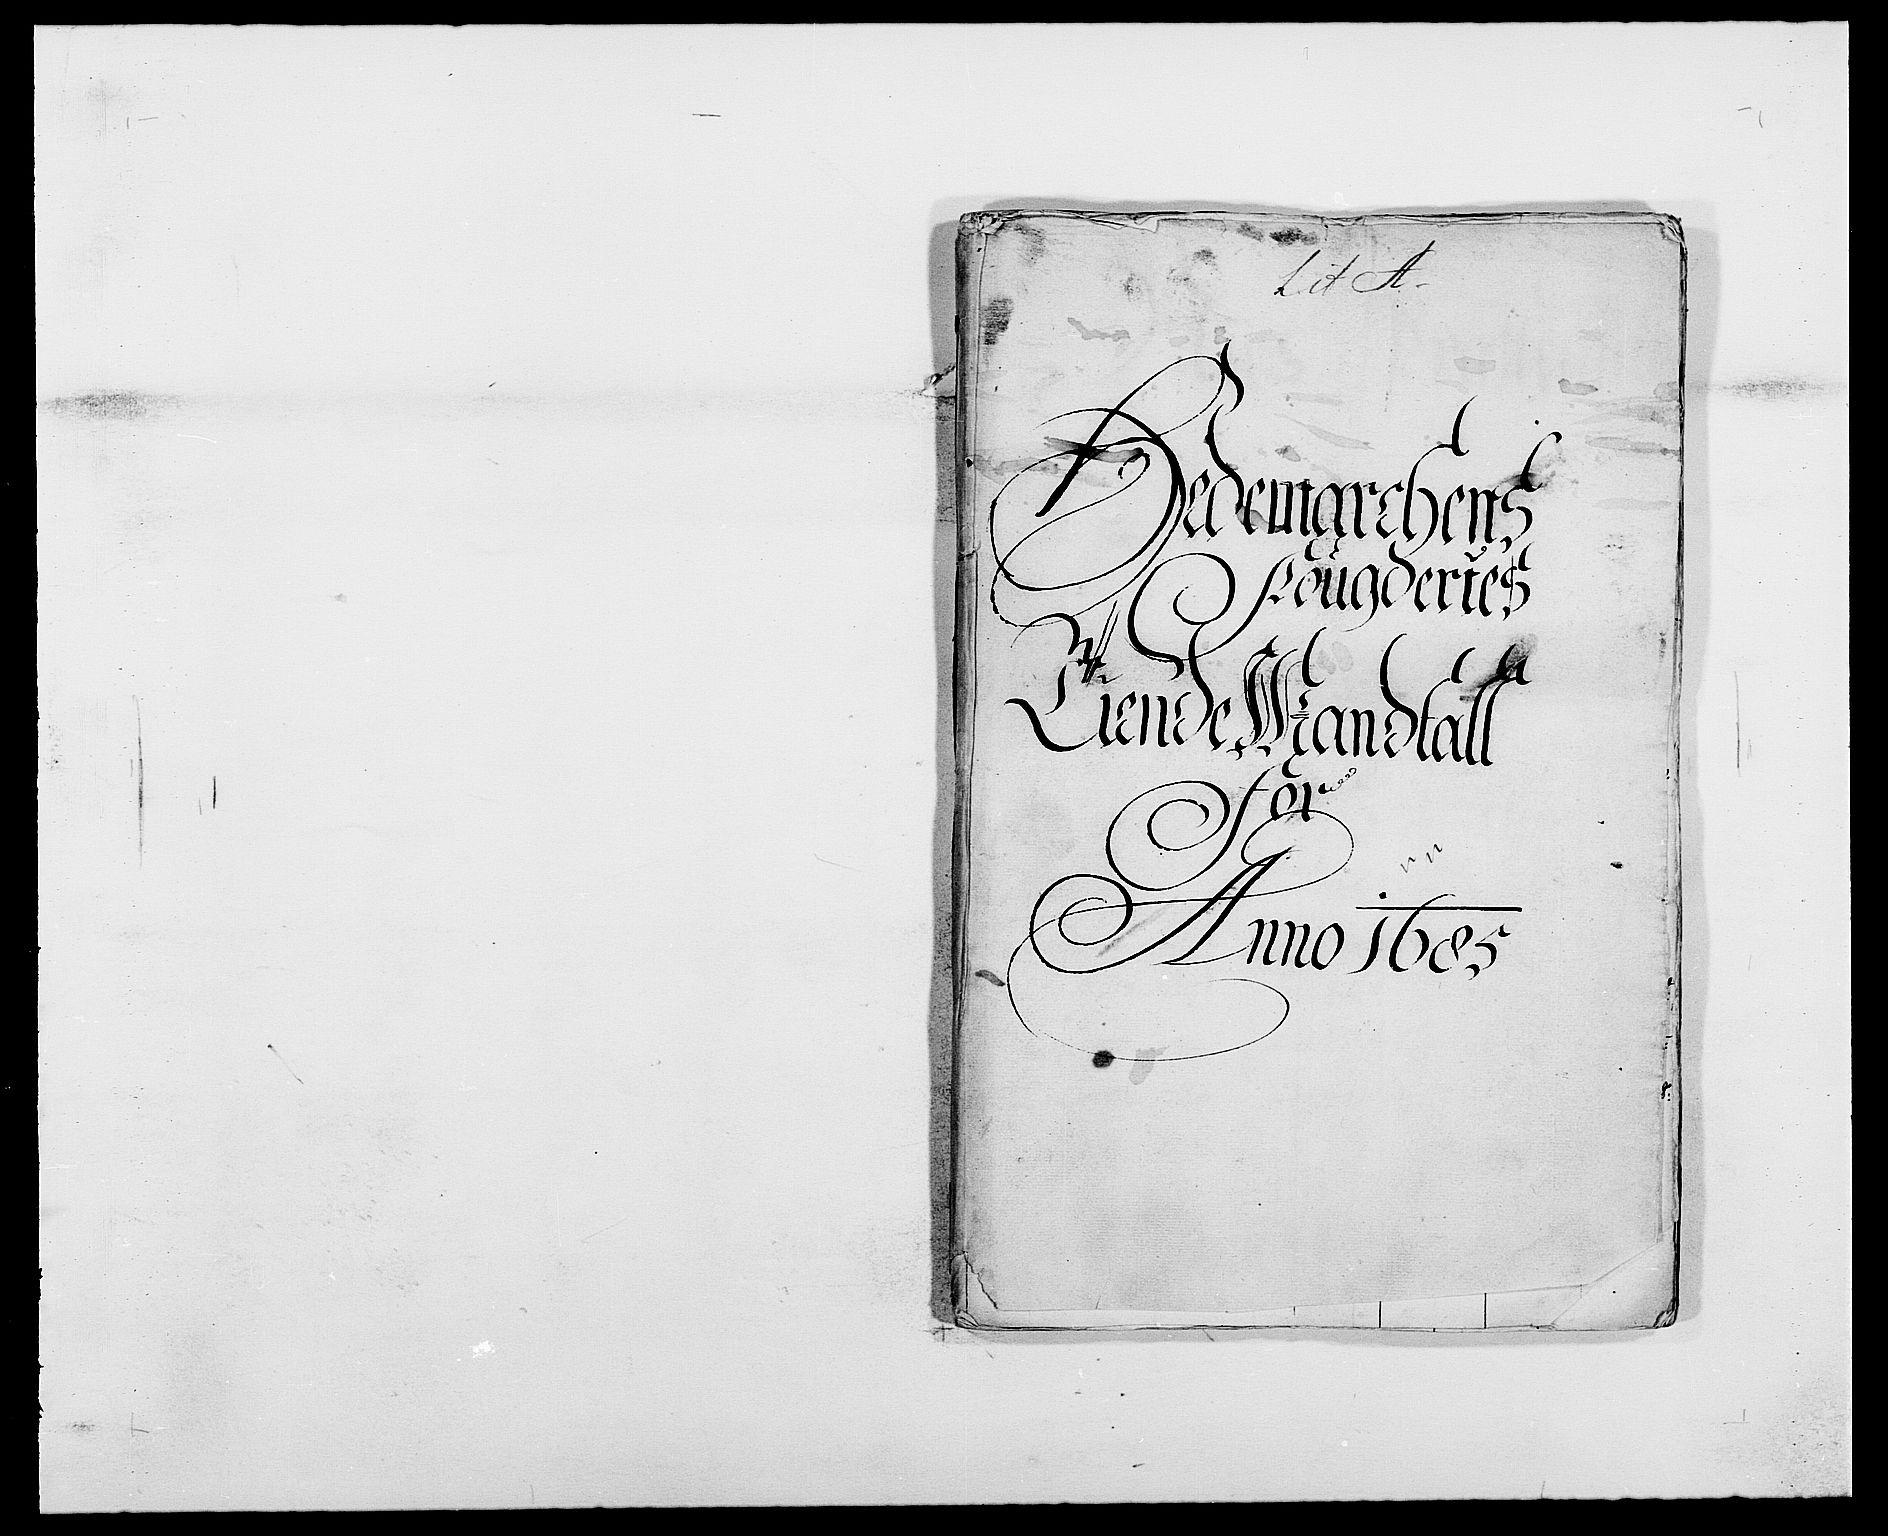 RA, Rentekammeret inntil 1814, Reviderte regnskaper, Fogderegnskap, R16/L1026: Fogderegnskap Hedmark, 1685, s. 15